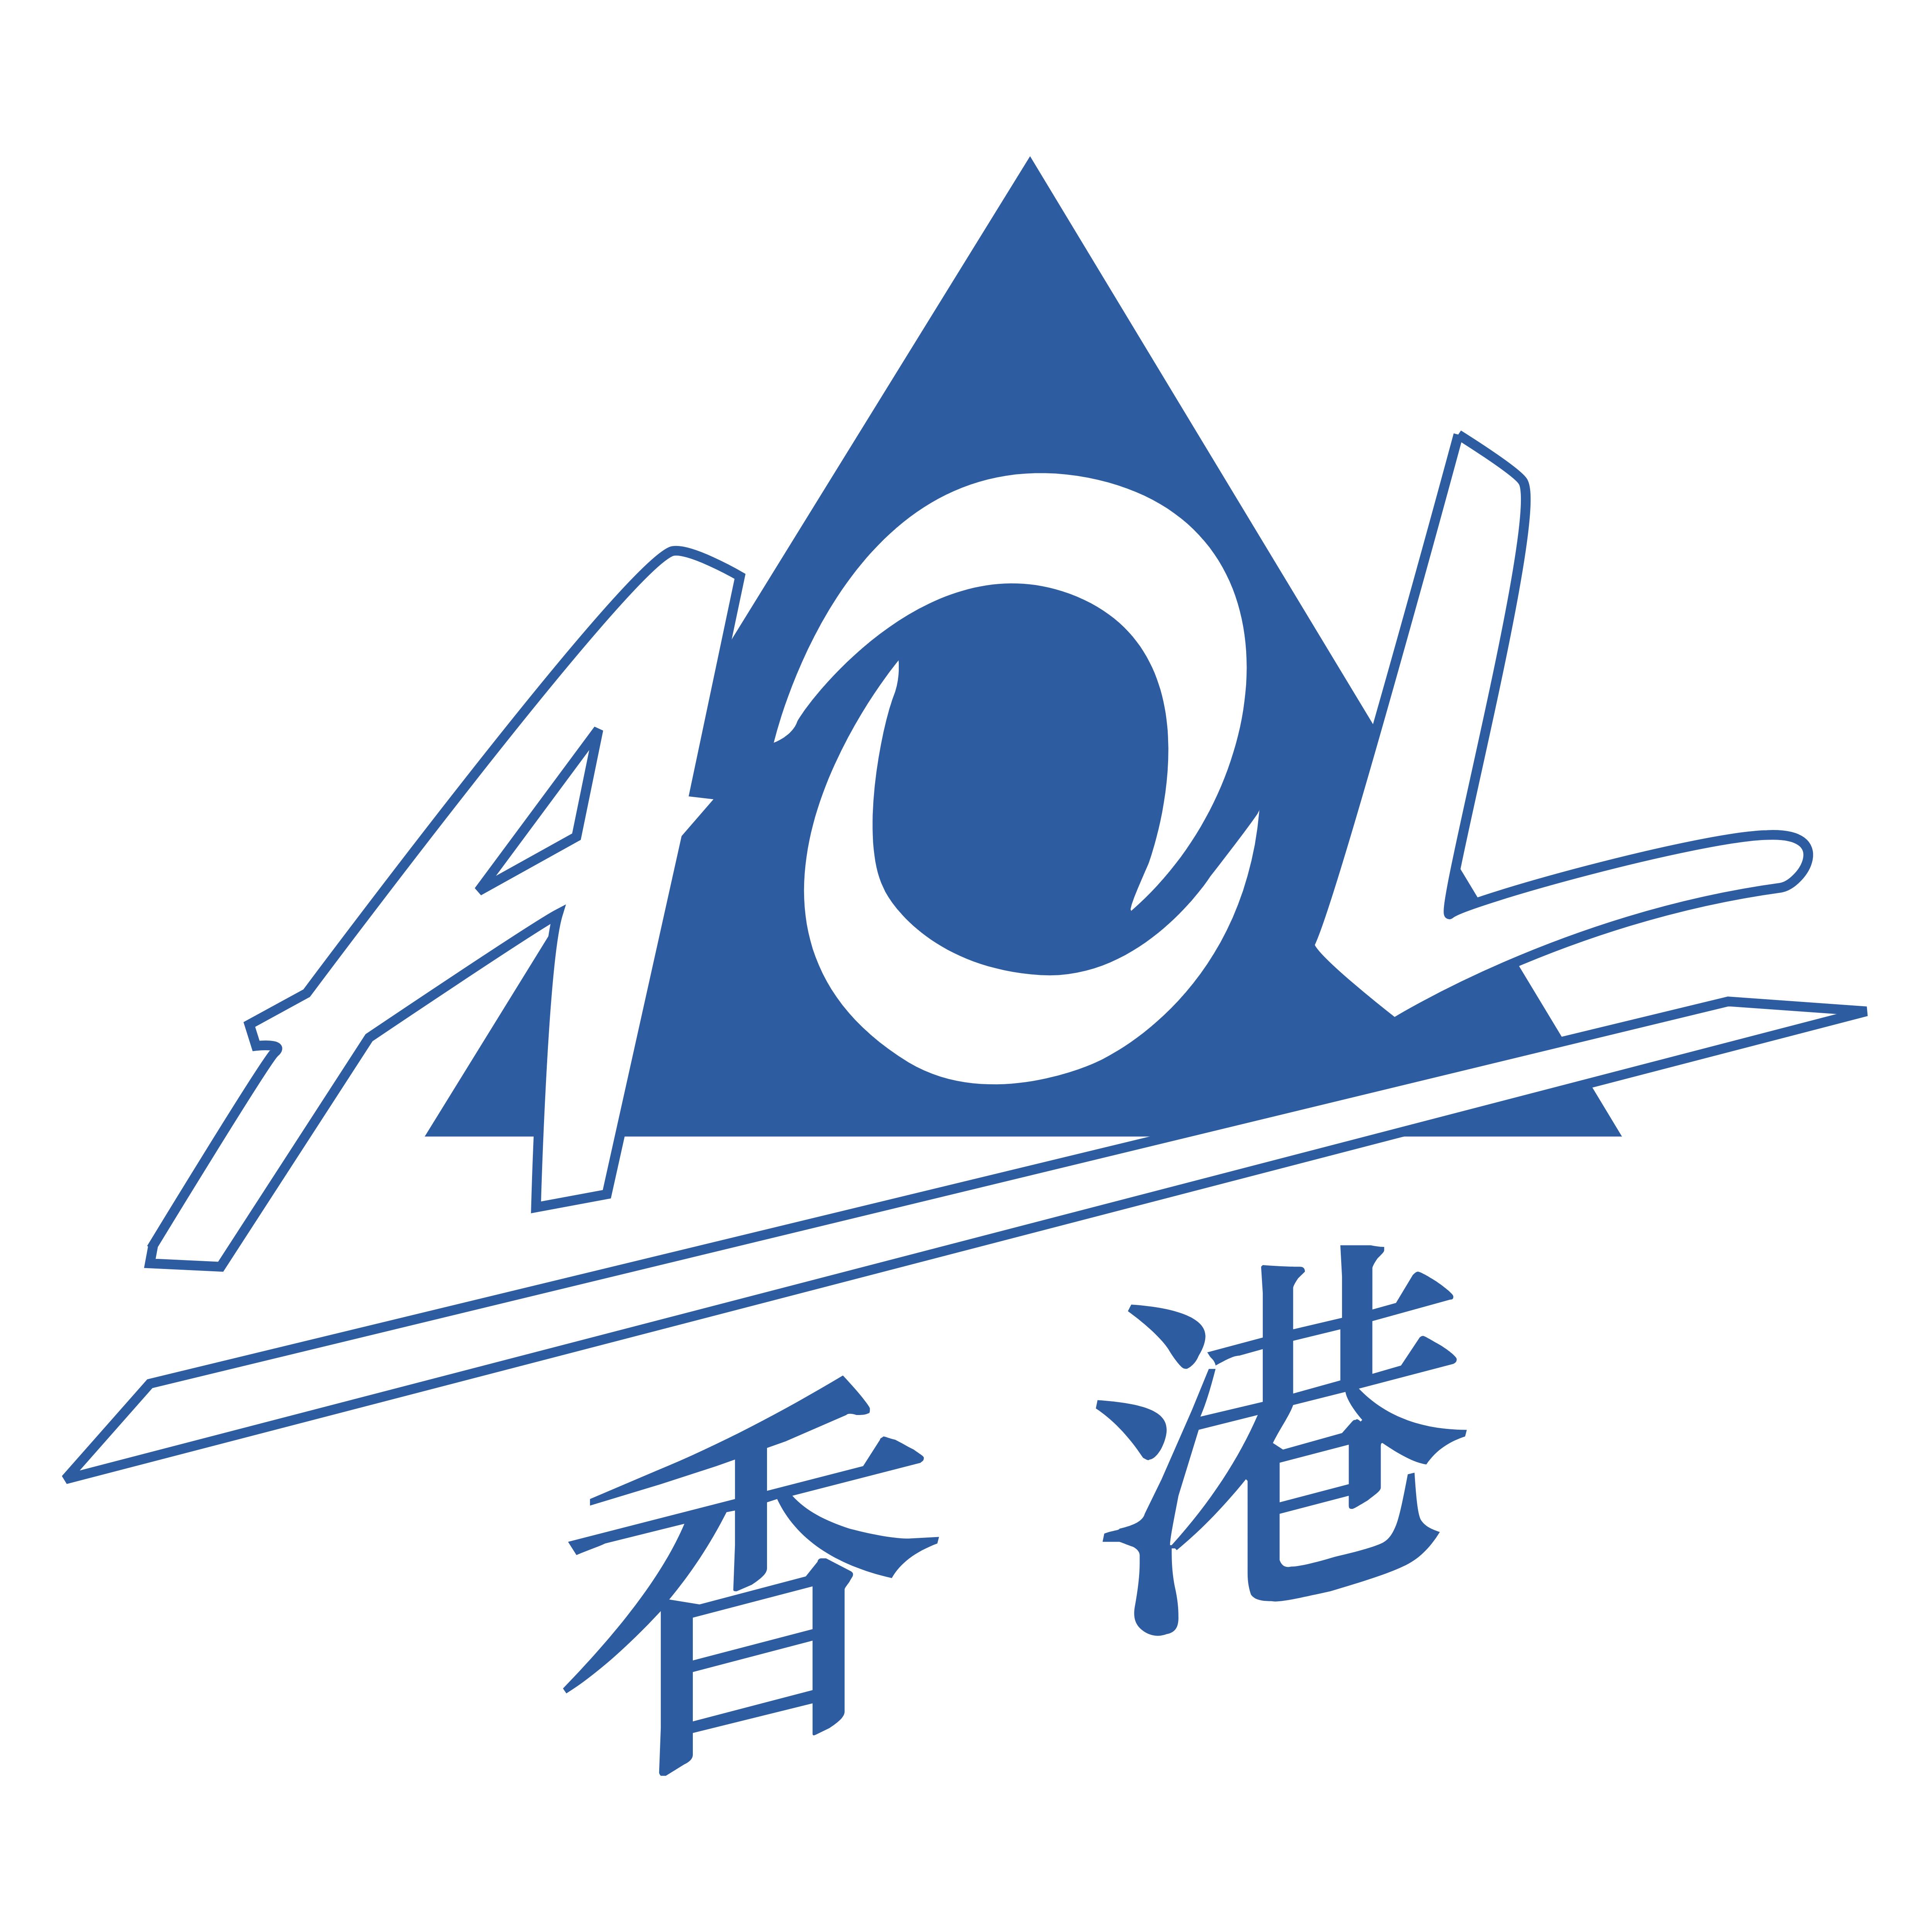 AOL - Logos Download